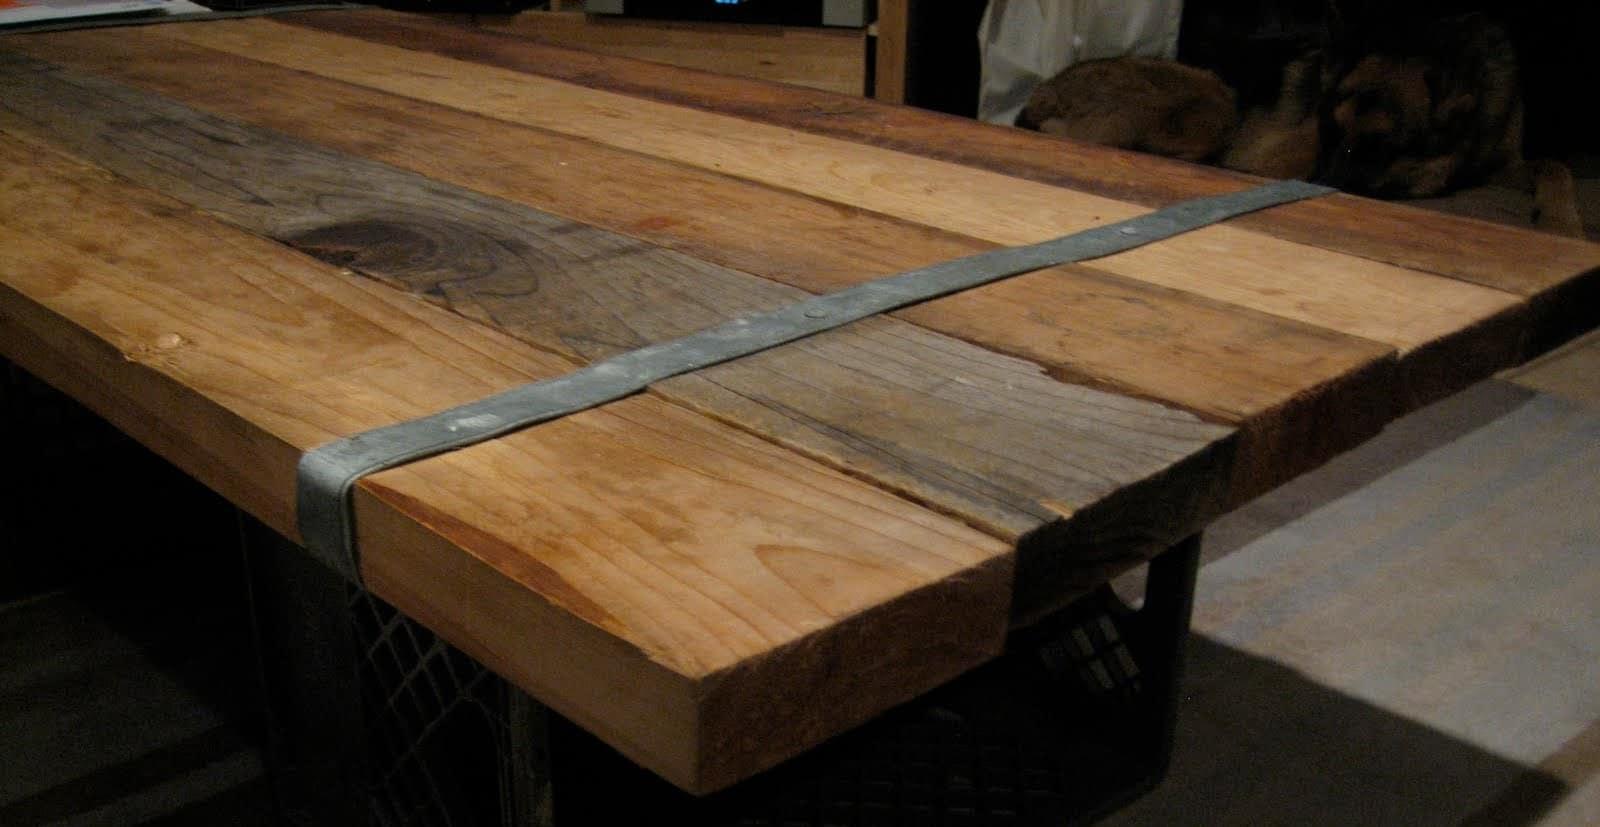 Hoe kun je zelf een tafel maken for Zelf meubels maken van hout